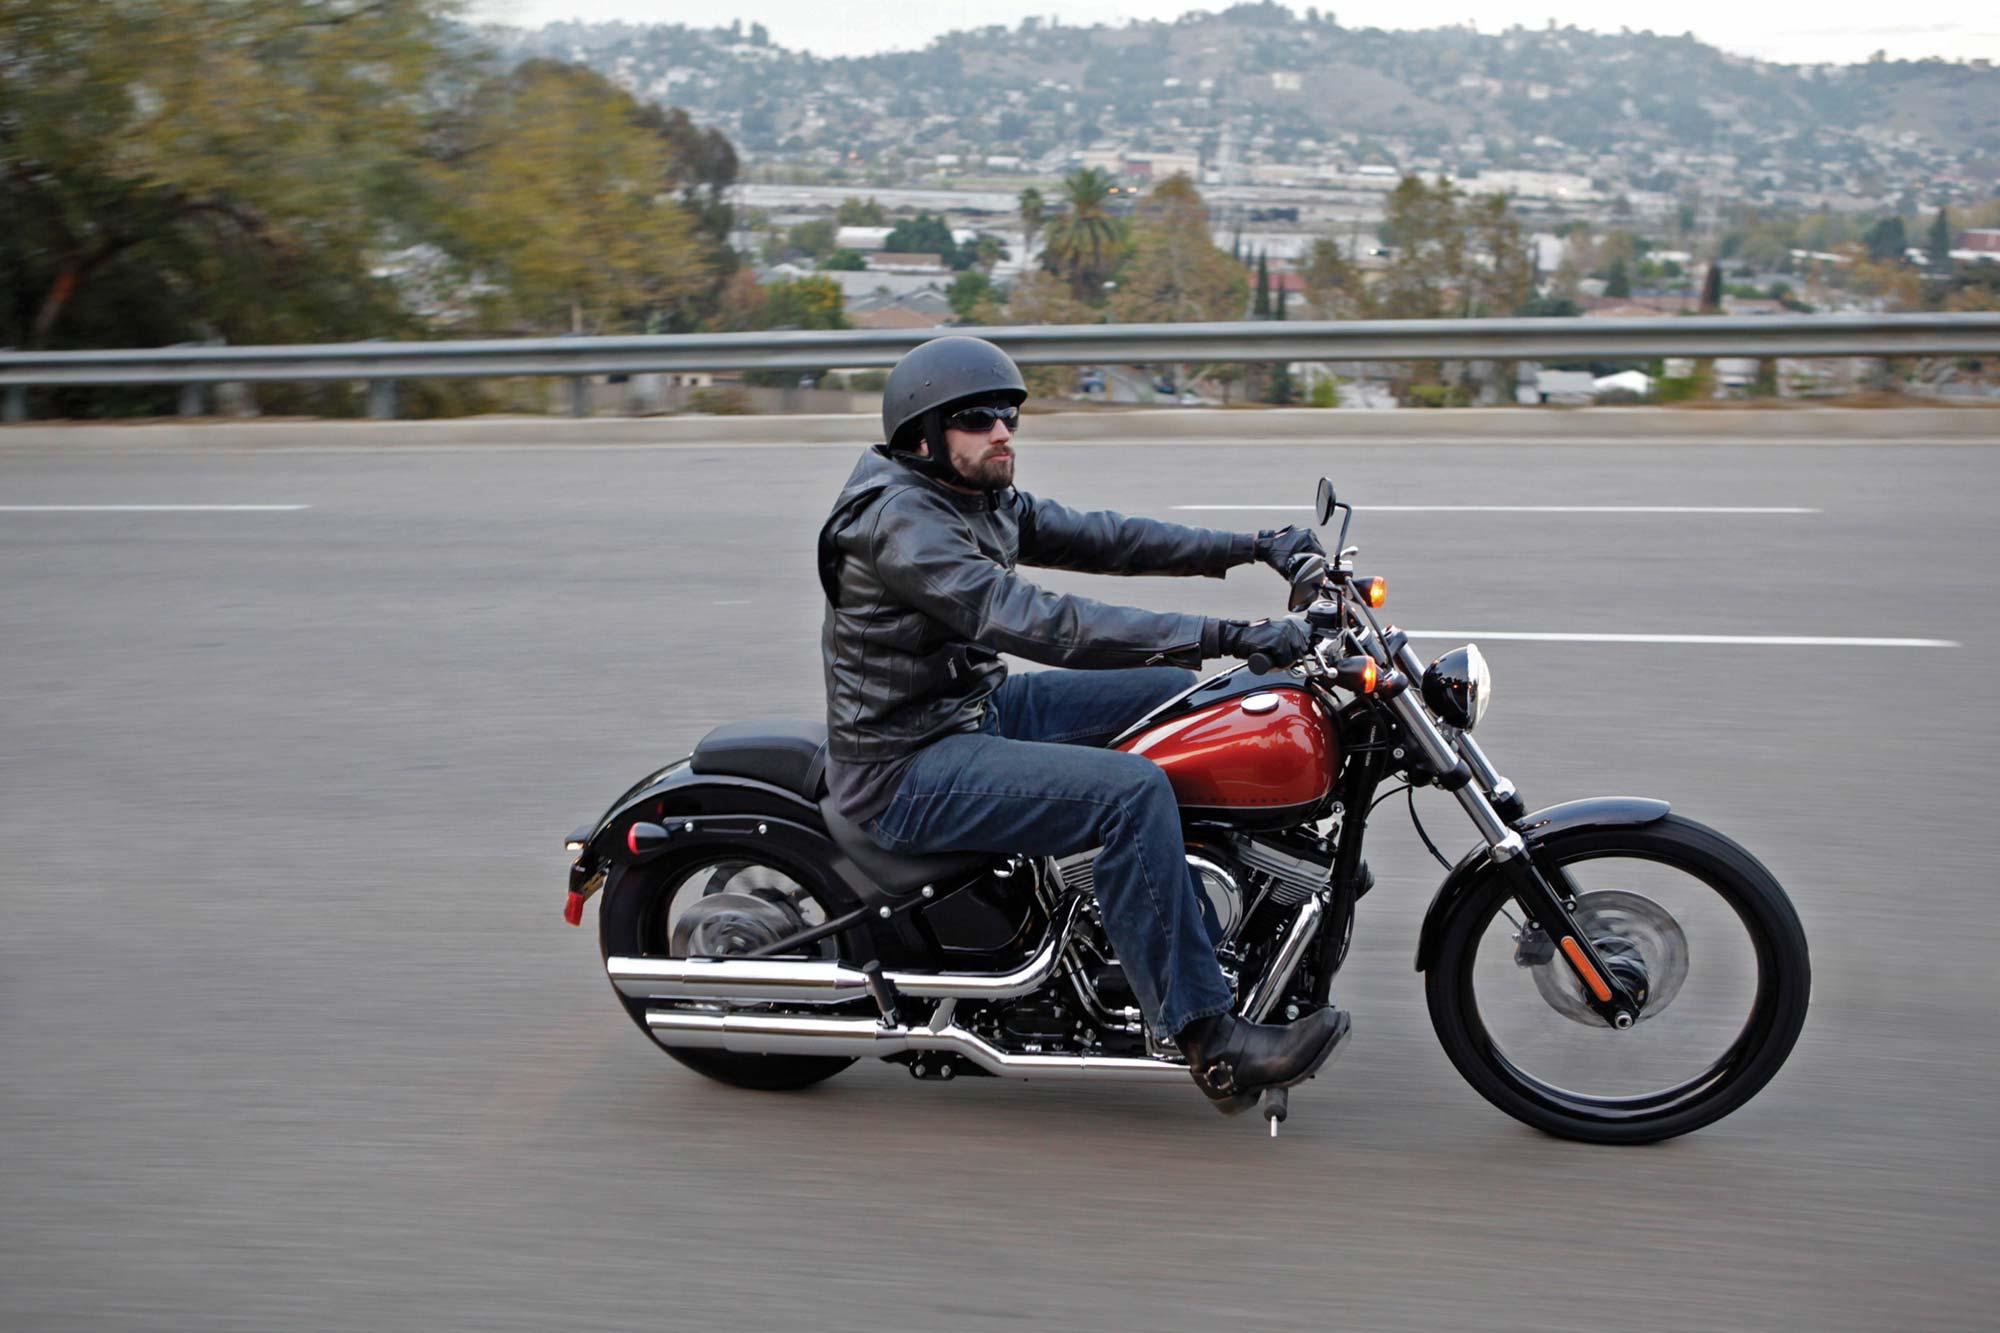 2011 Harley Davidson Blackline Asphalt Amp Rubber